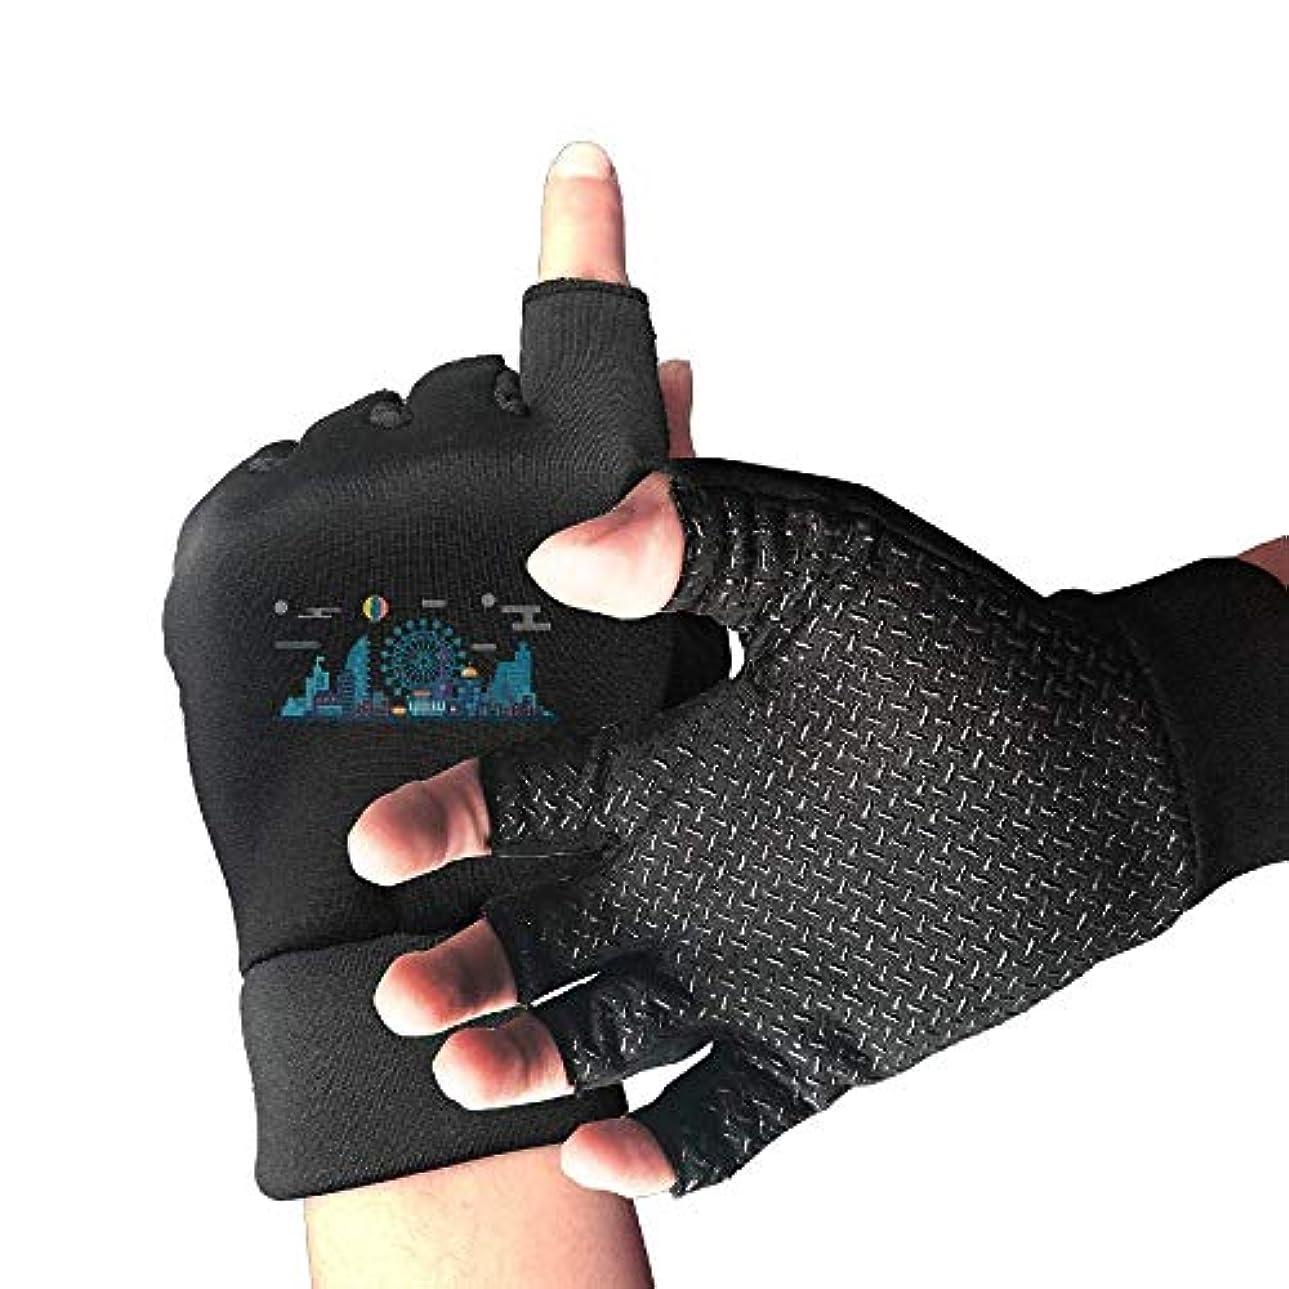 ラウンジロータリー有毒なサイクリング手袋漫画の観覧車男性/女性のマウンテンバイクの手袋ハーフフィンガースリップ防止オートバイの手袋